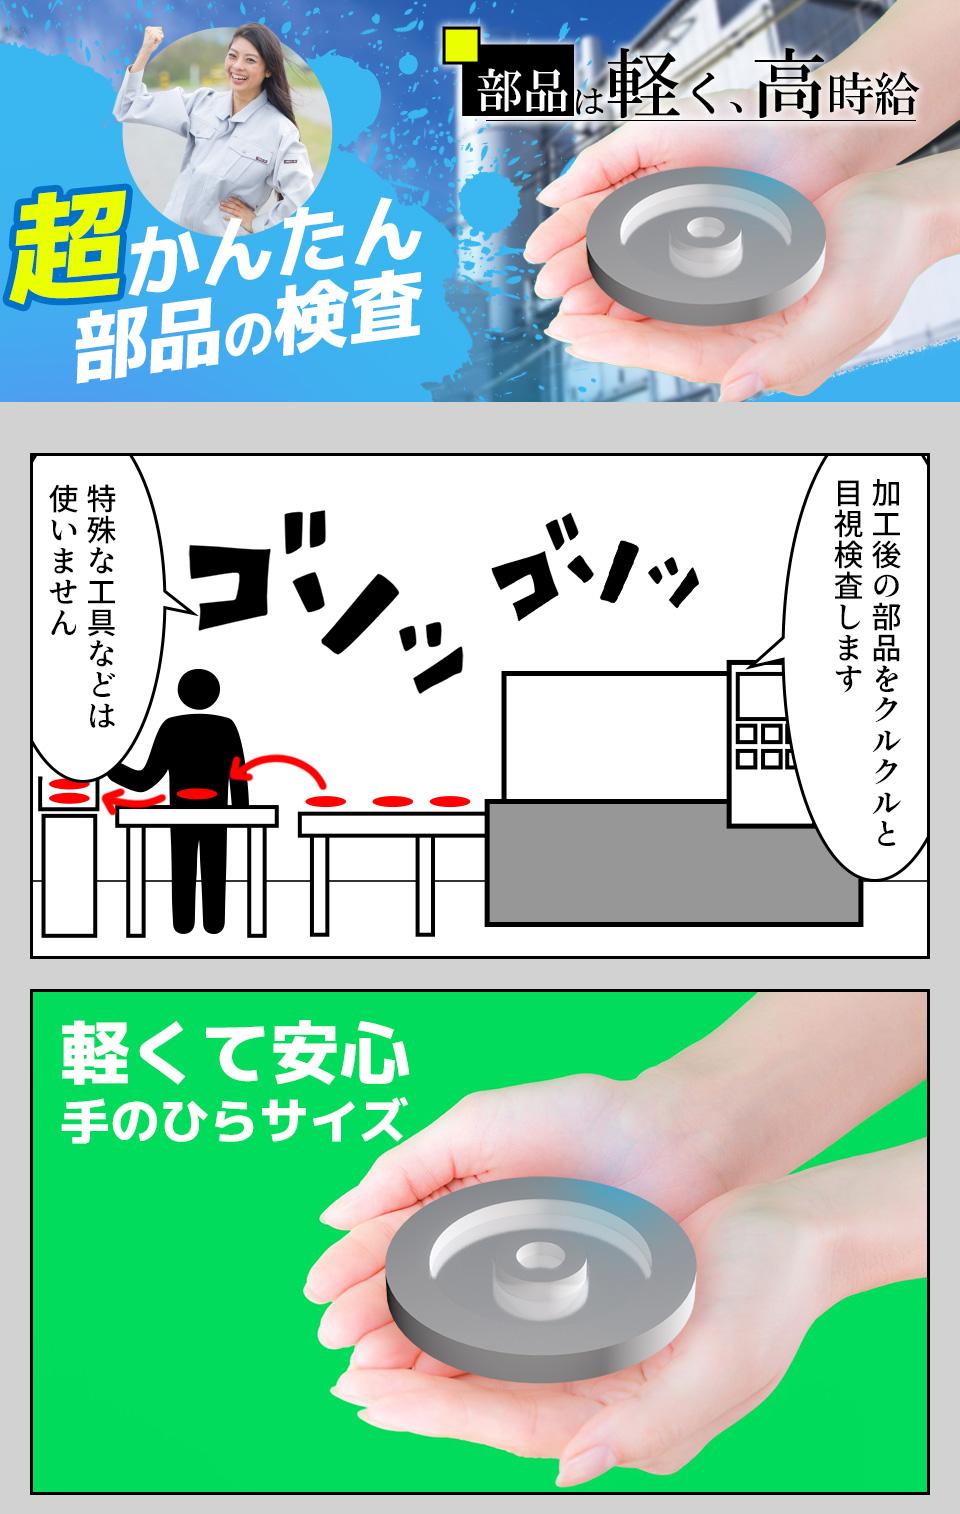 片手サイズの部品の目視検査 愛知県豊橋市の派遣社員求人